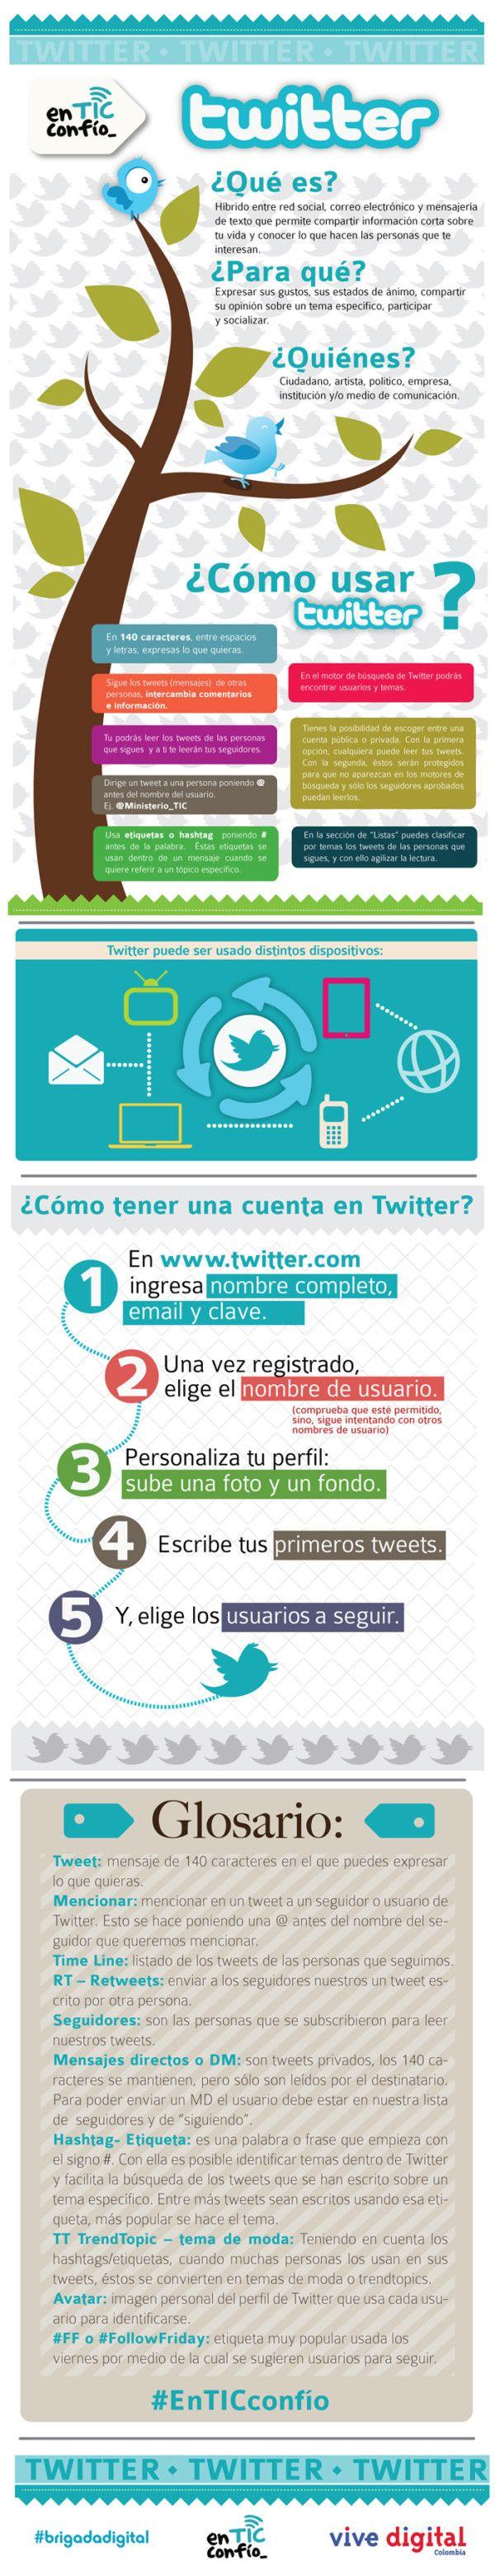 ¿Qué es Twitter y cómo utilizarlo? #principiantes